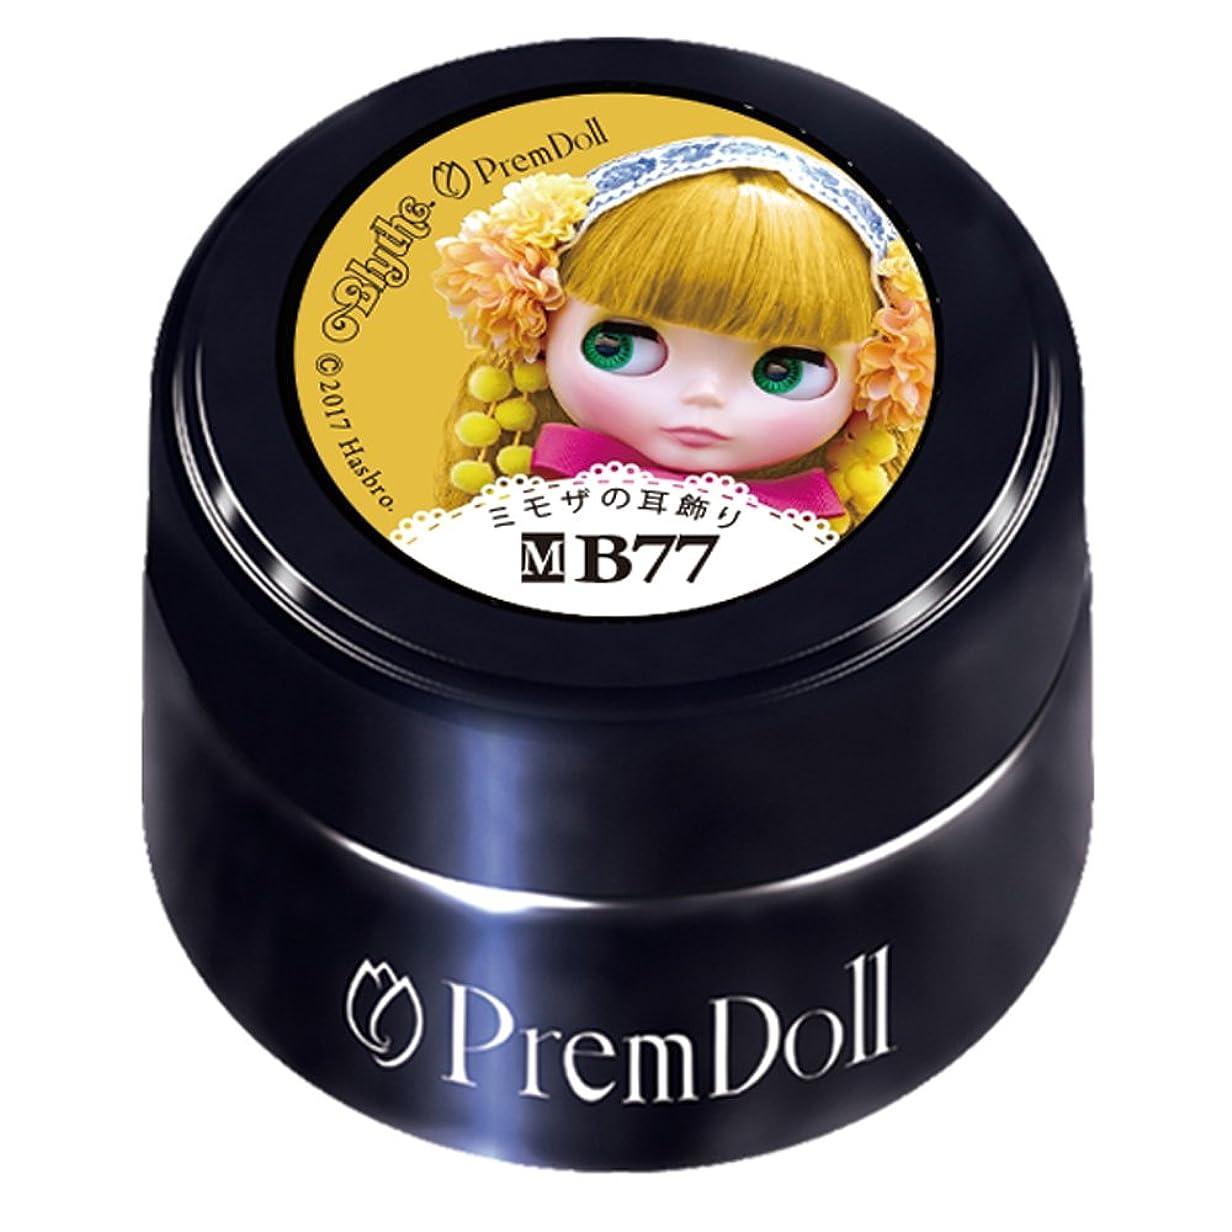 最悪品種コインPRE GEL プリムドール ミモザの首飾り DOLL-B77 3g UV/LED対応 カラージェル